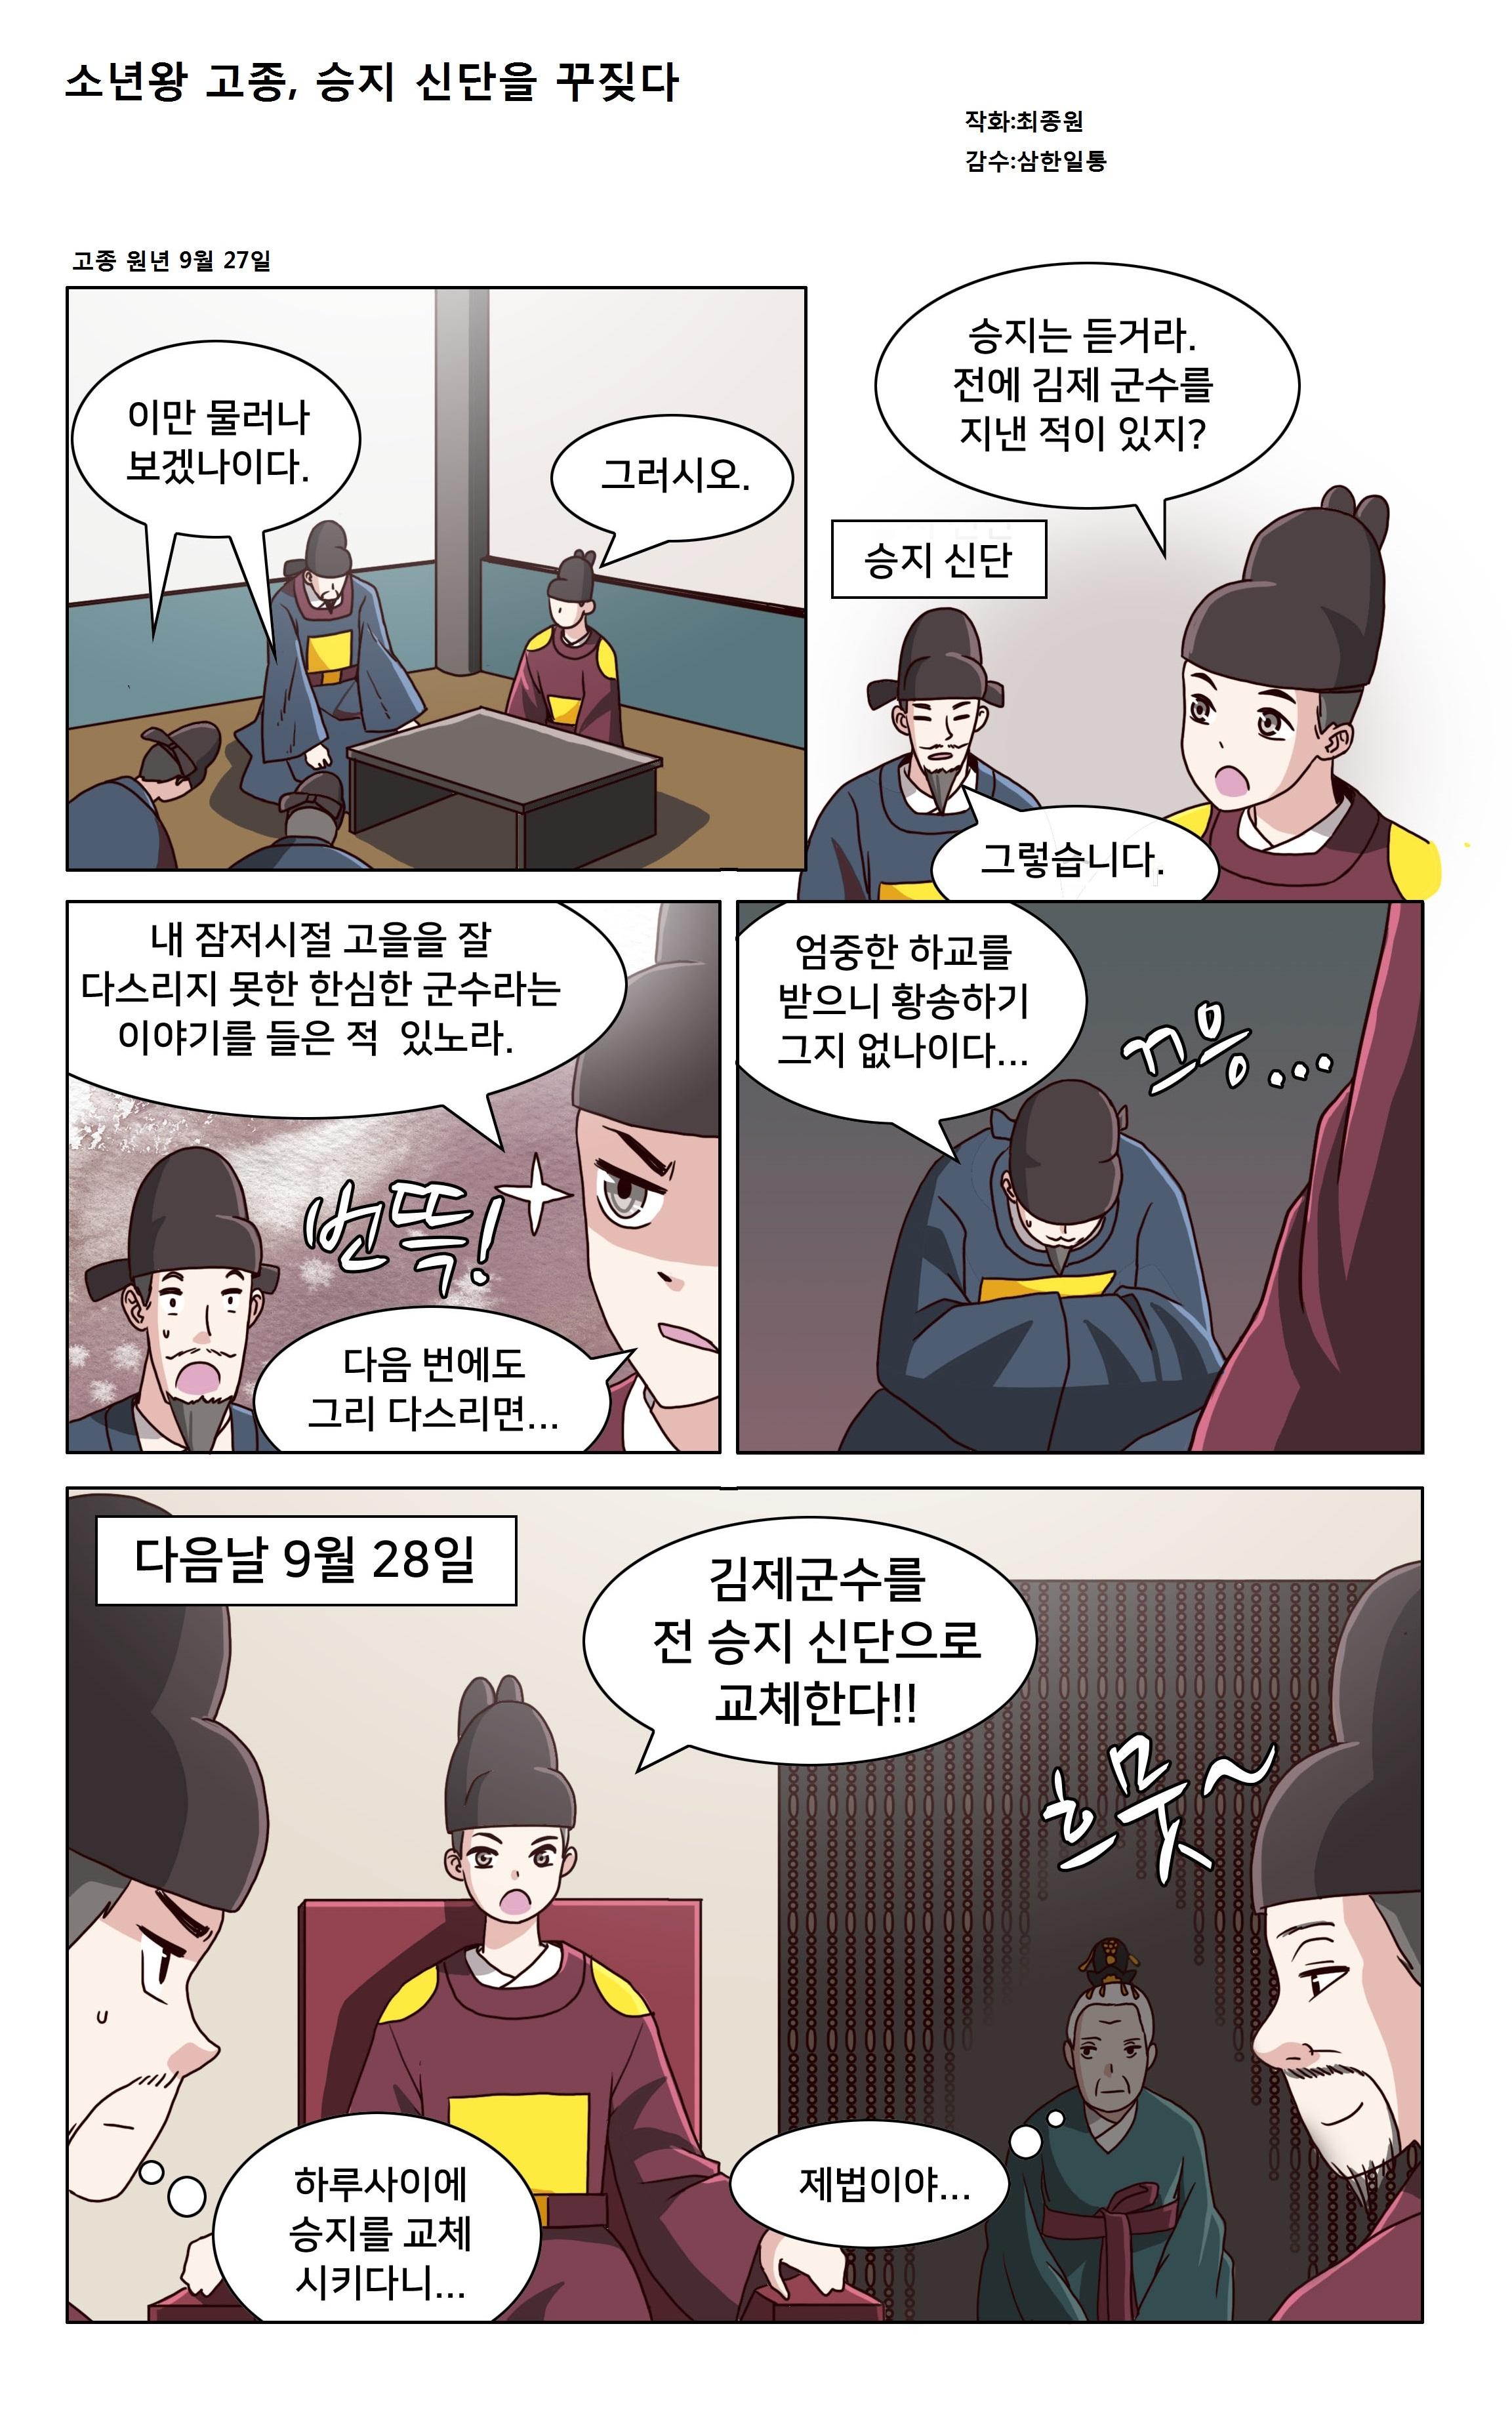 소년왕 고종, 승지 신단을 꾸짖다[작화:최종원/감수..